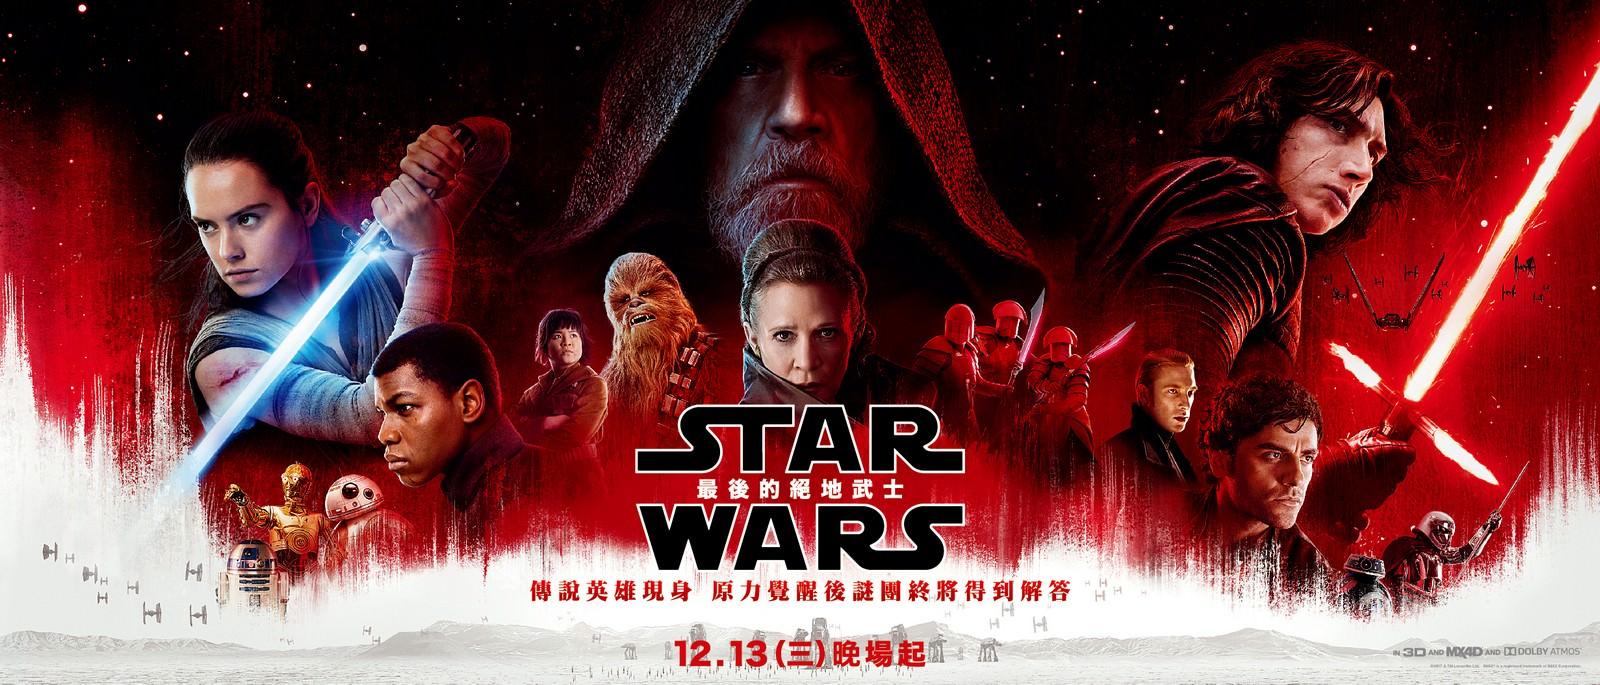 Movie, Star Wars: The Last Jedi(美國, 2017) / STAR WARS:最後的絕地武士(台灣) / 星球大战8:最后的绝地武士(中國) / 星球大戰:最後絕地武士(香港), 電影海報, 台灣, 橫版